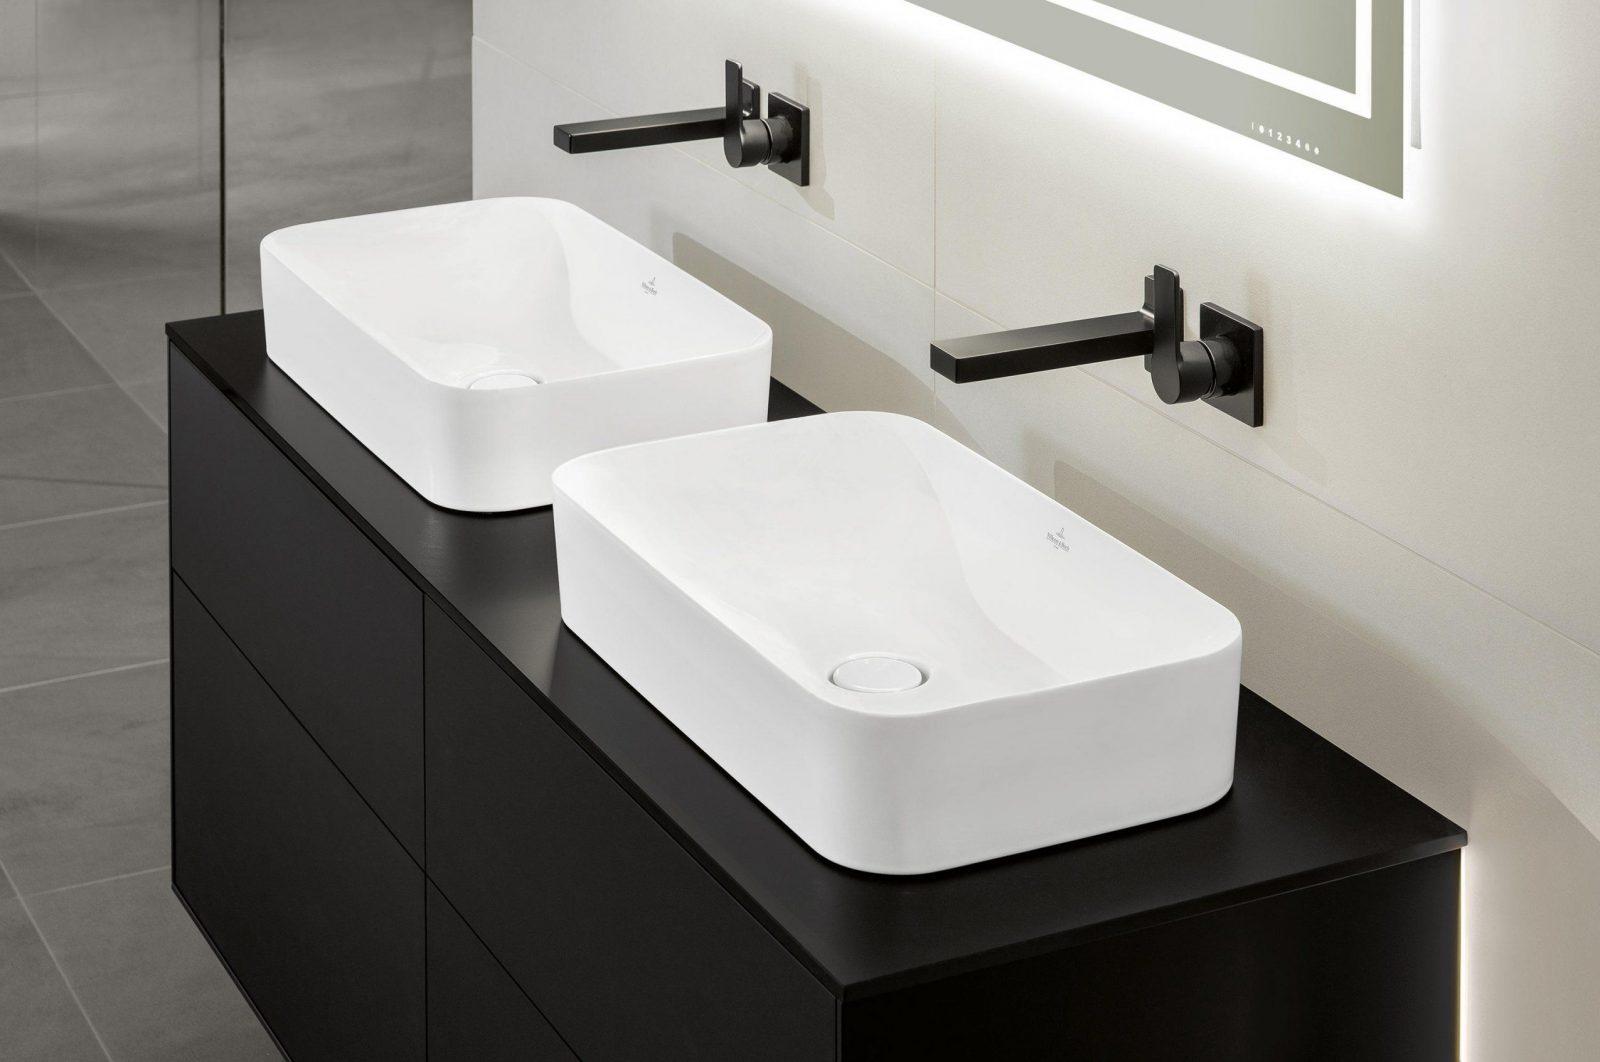 Finion 4139D2 Doppelwaschtisch  Waschtische Von Villeroy & Boch von Doppelwaschtisch Villeroy Und Boch Photo